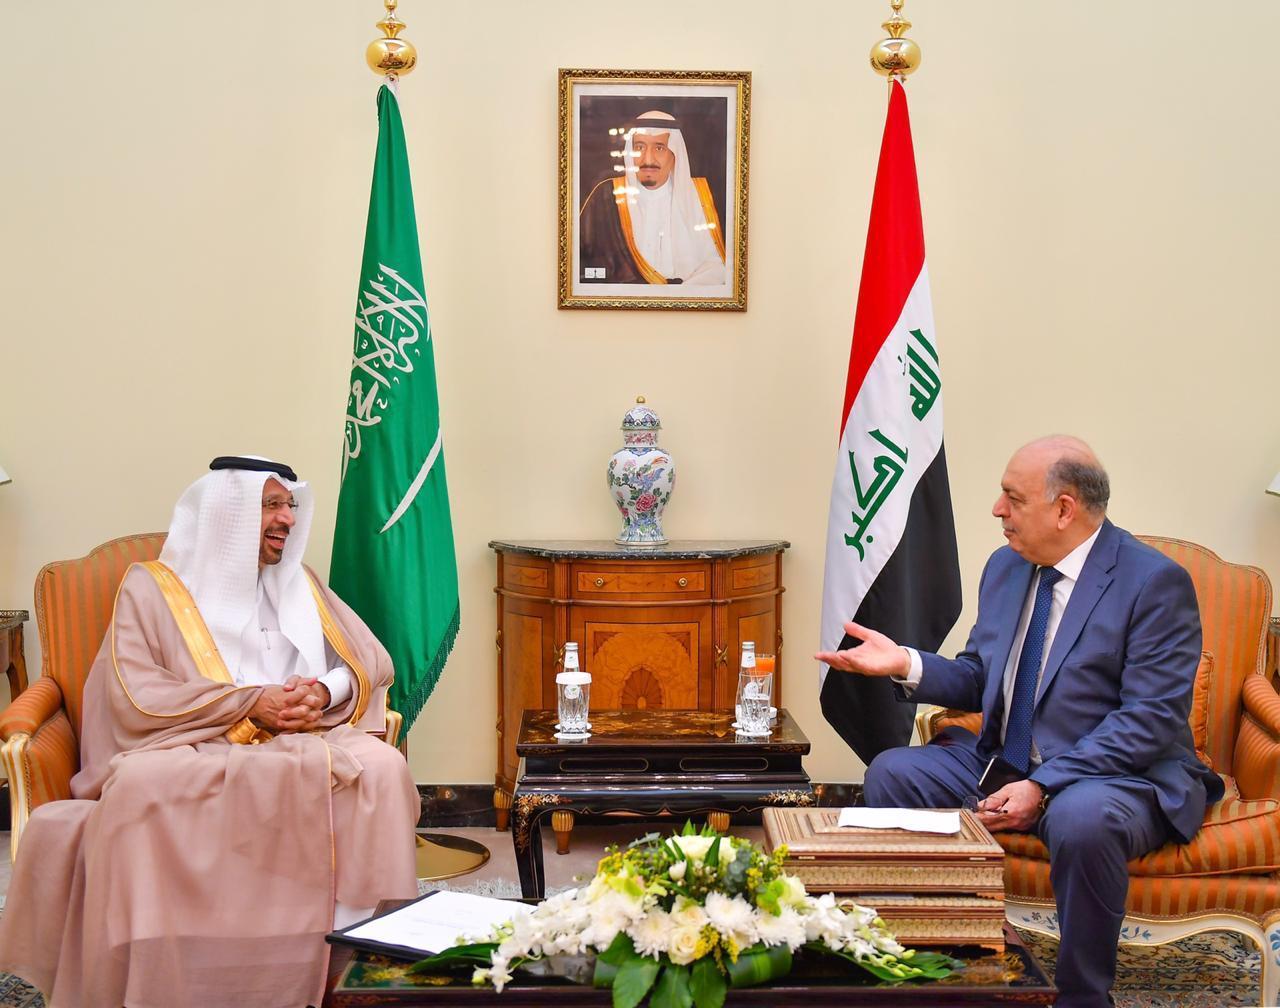 الغضبان من جدة: العراق حريص على تحقيق الاستقرار والتوازن للسوق النفطية